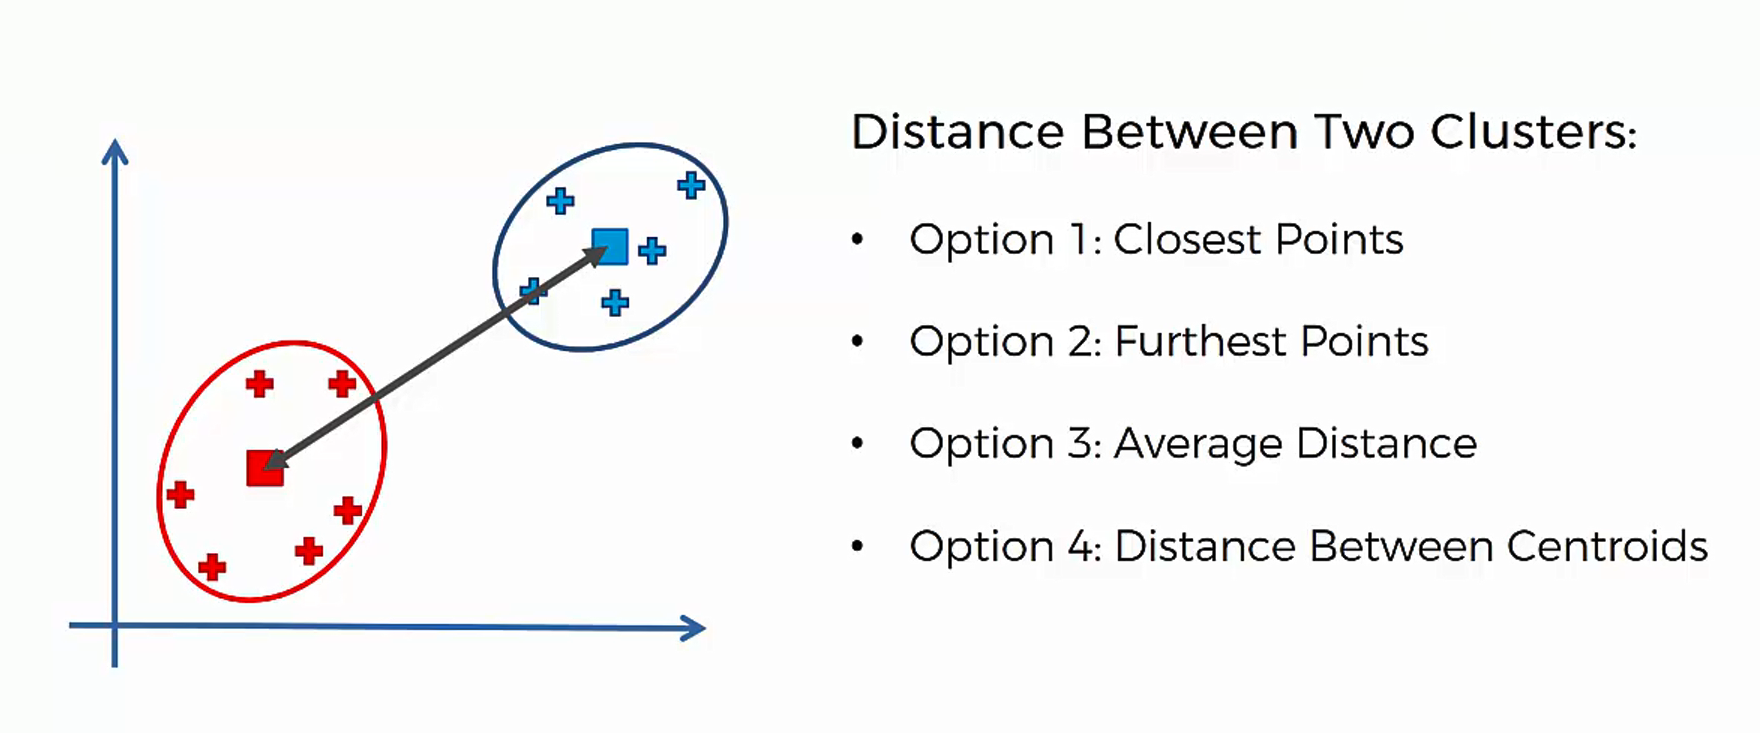 Maschinenlernen: Clusteranalyse mithilfe des K-Means-Algorithmus - 1